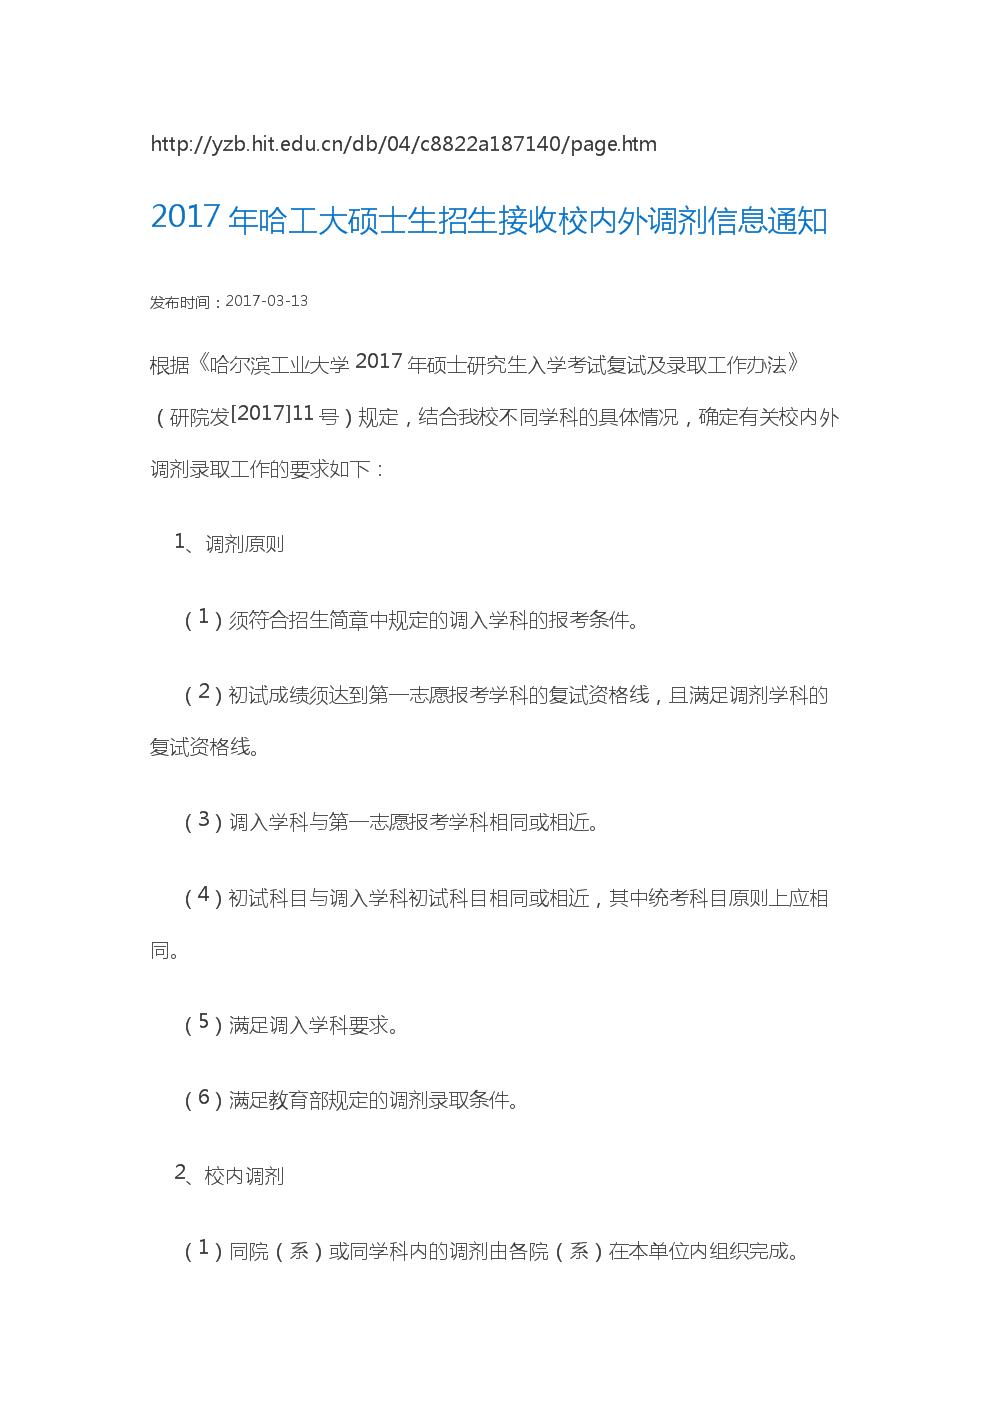 2017年哈工大碩士生招生接收校內外調劑信息通知.docx